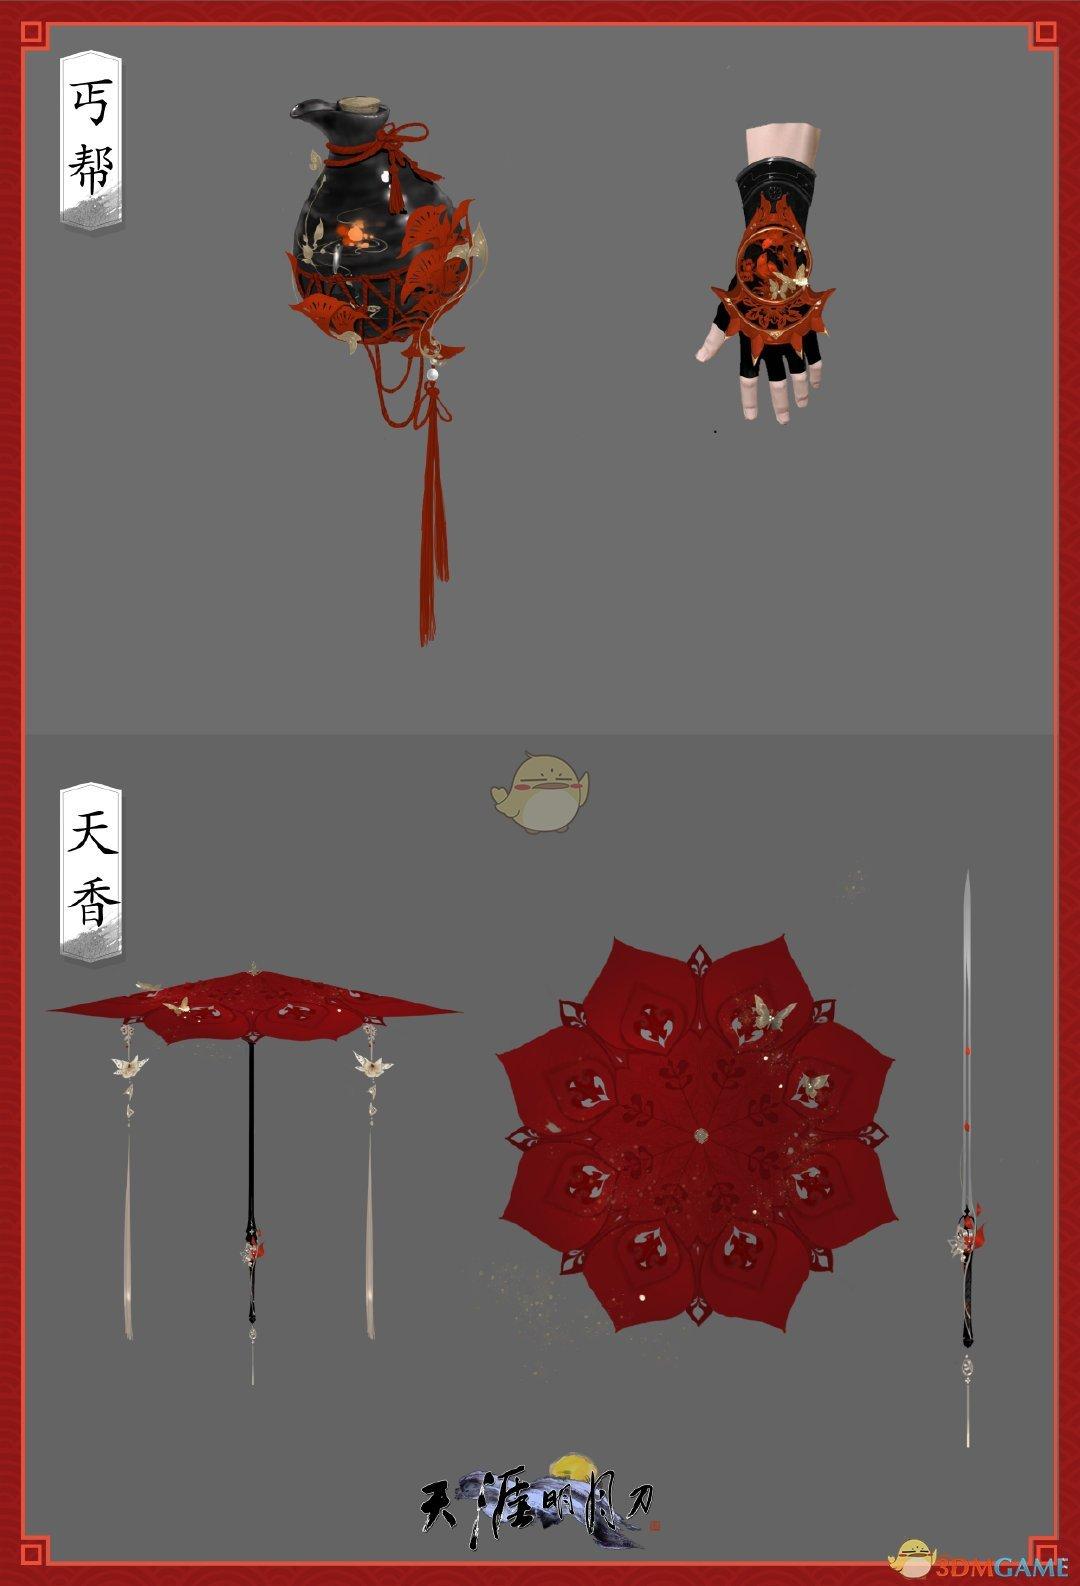 《天涯明月刀》2019春节剪纸主题武器曝光